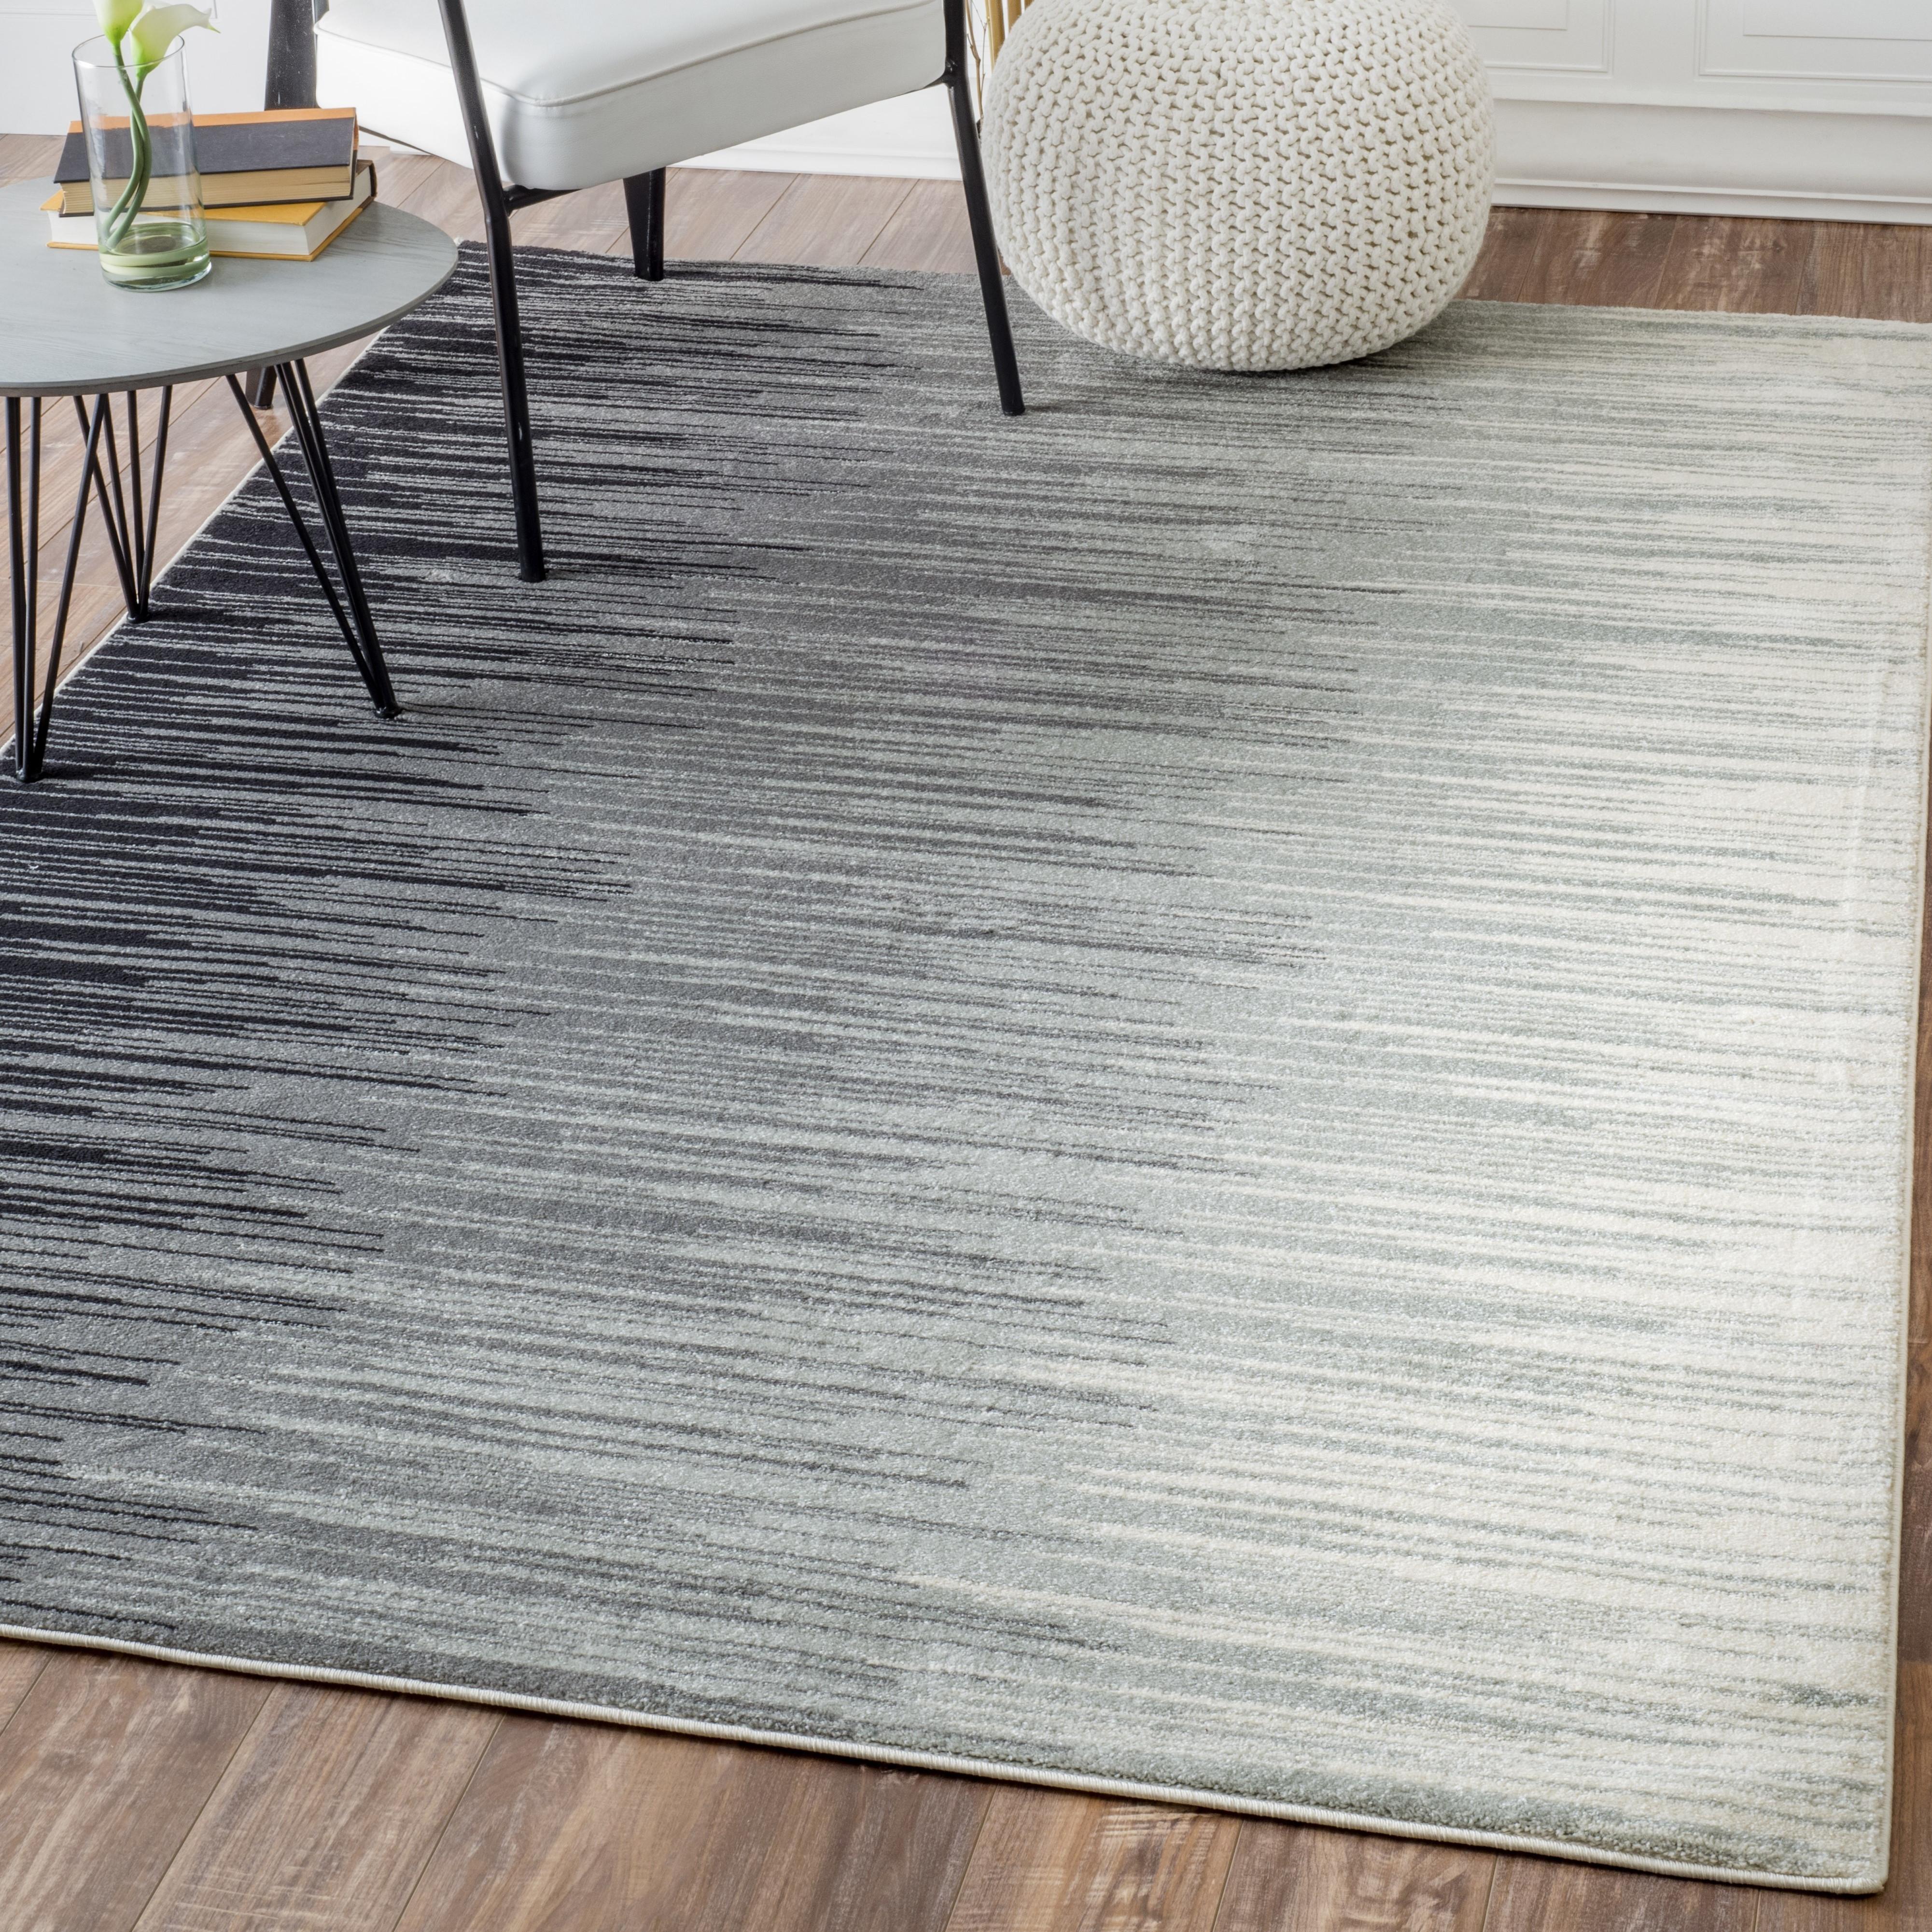 Cozy Modern Area Rugs | AllModern modern area rugs